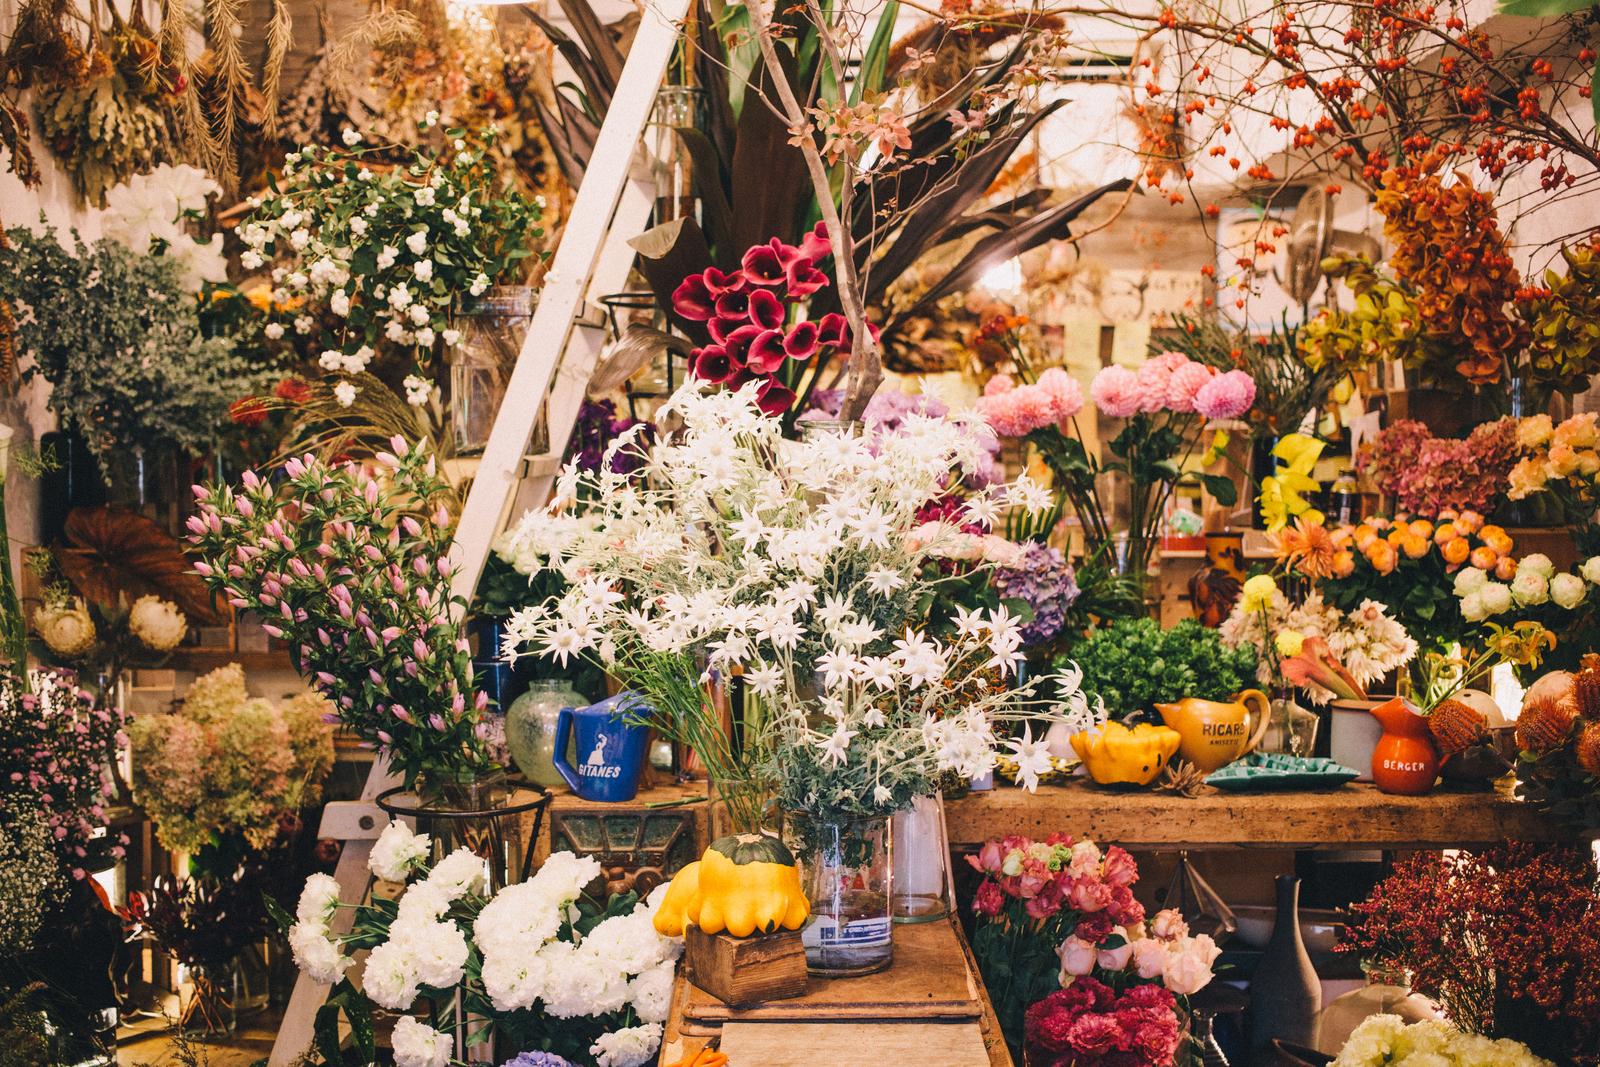 代々木上原の花屋 ムギハナ 店内の様子